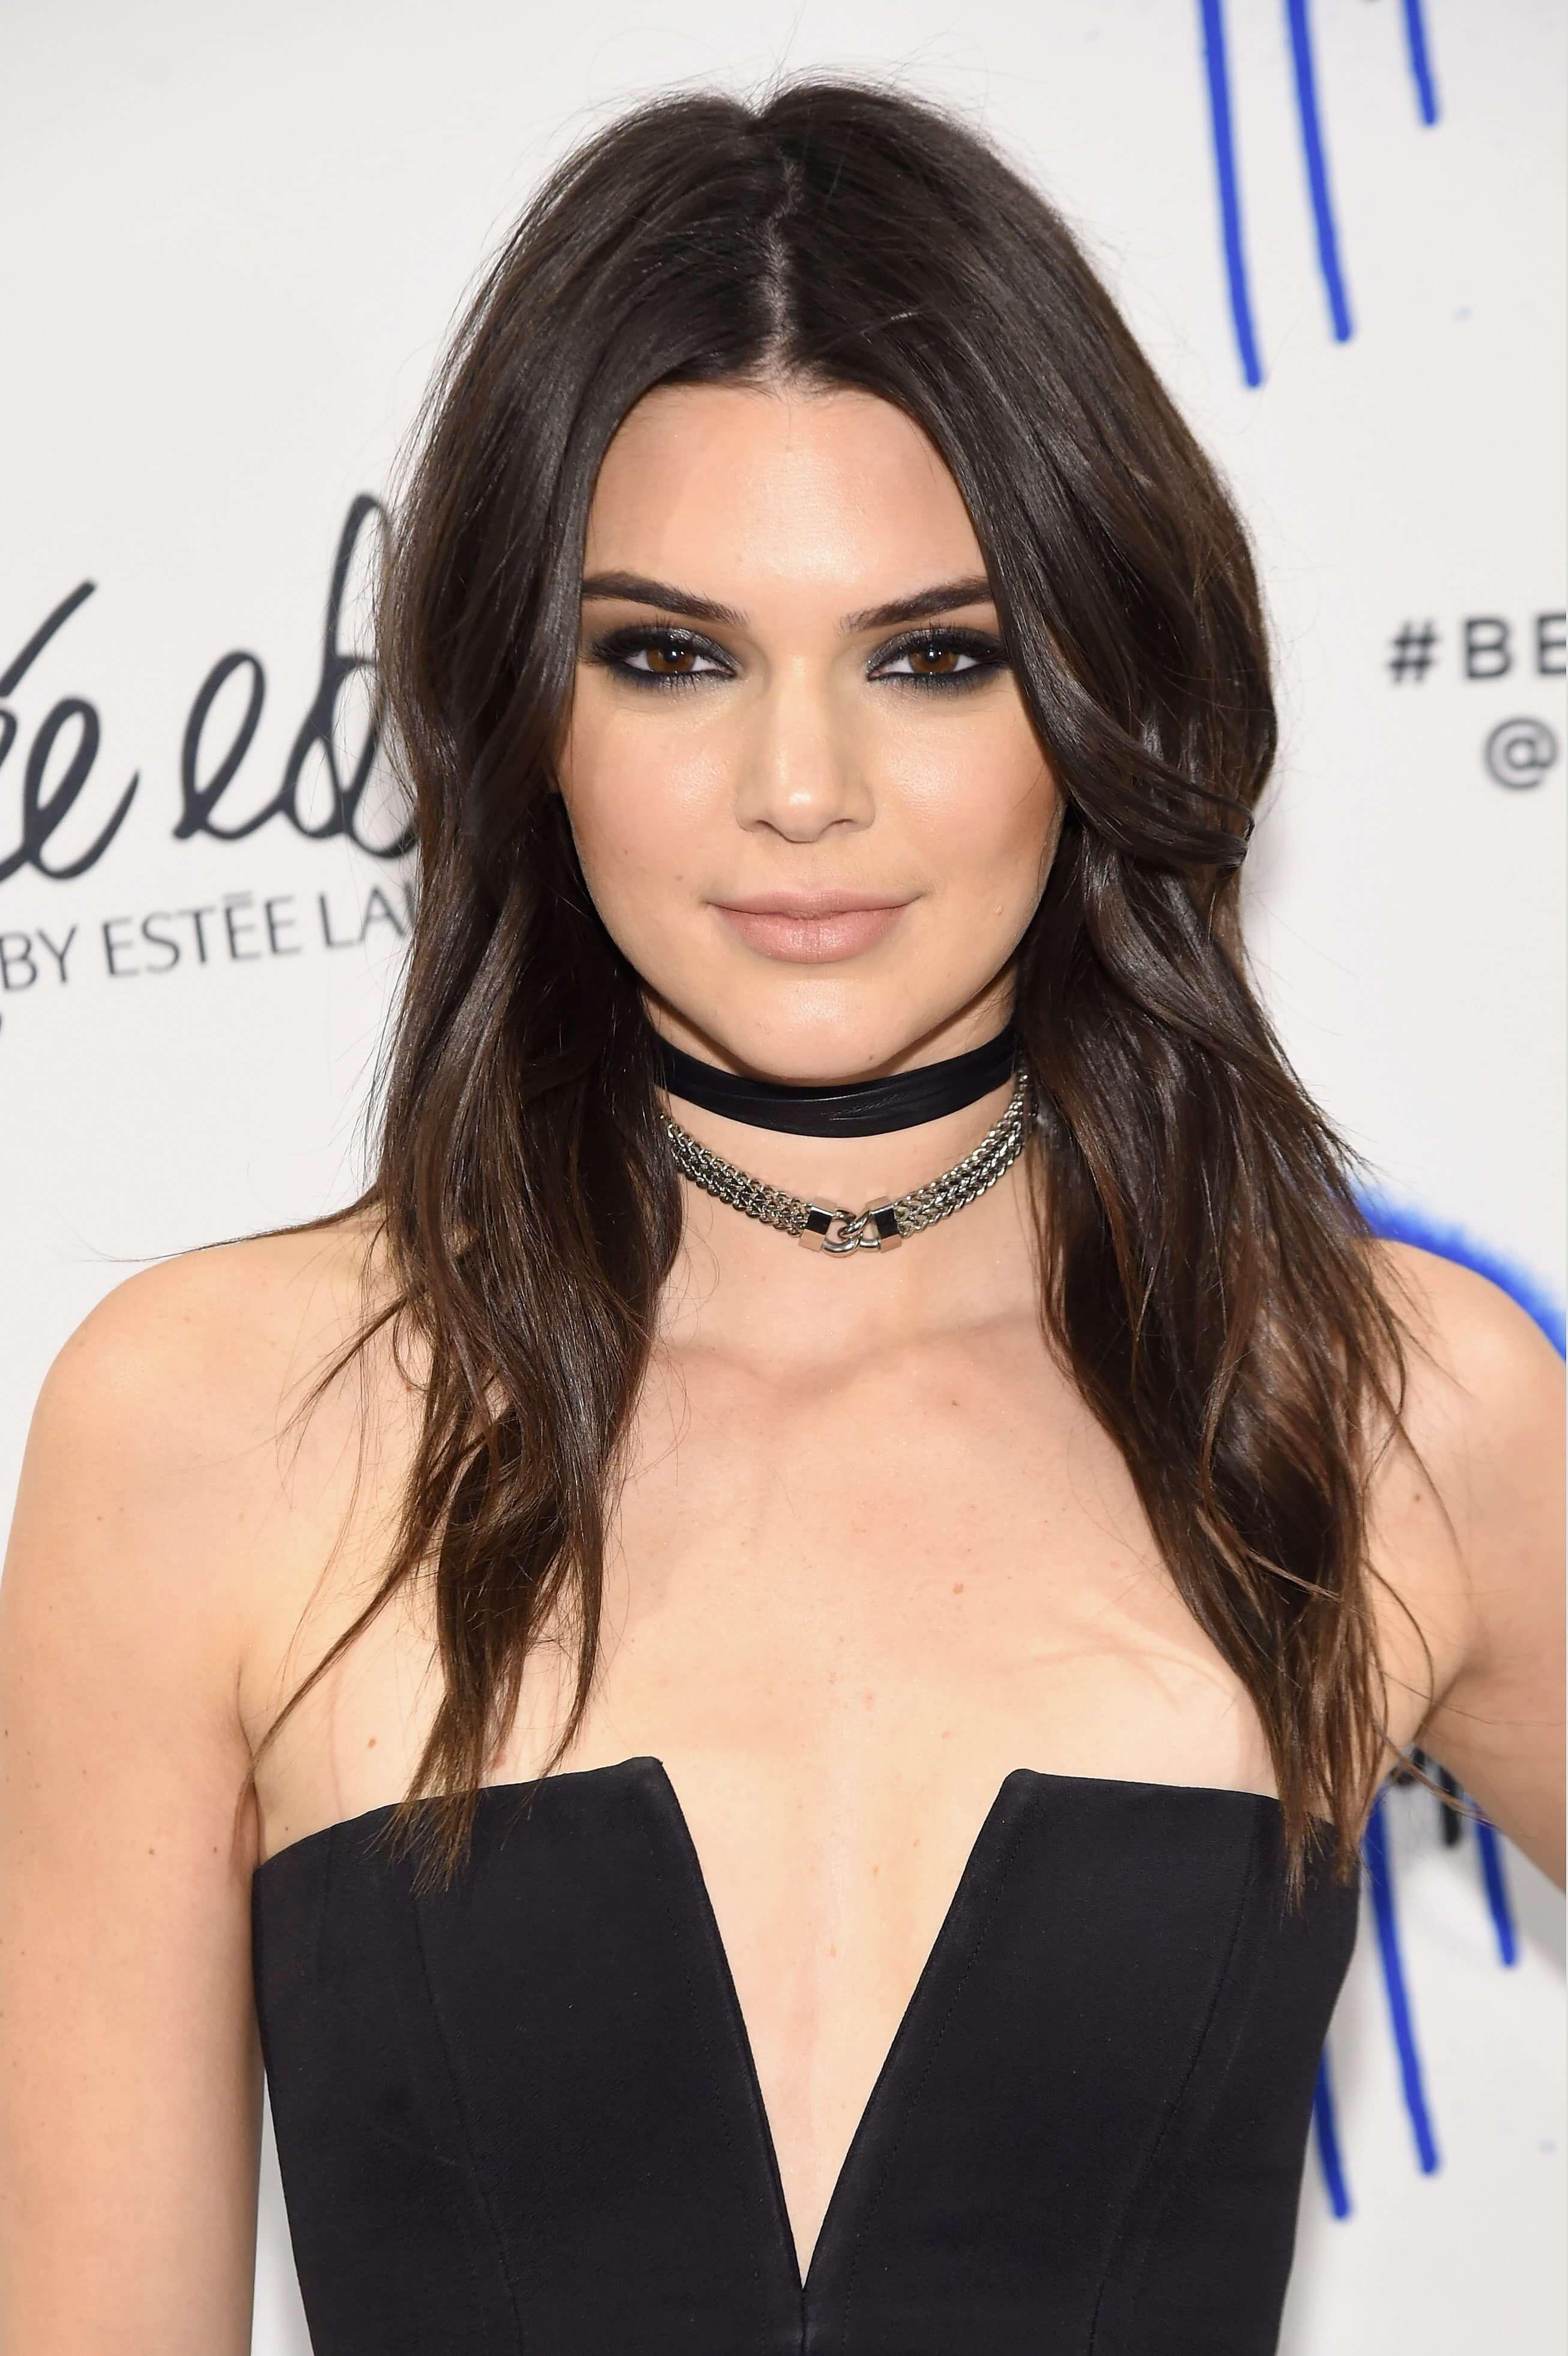 Kendall Jenner brunette hair